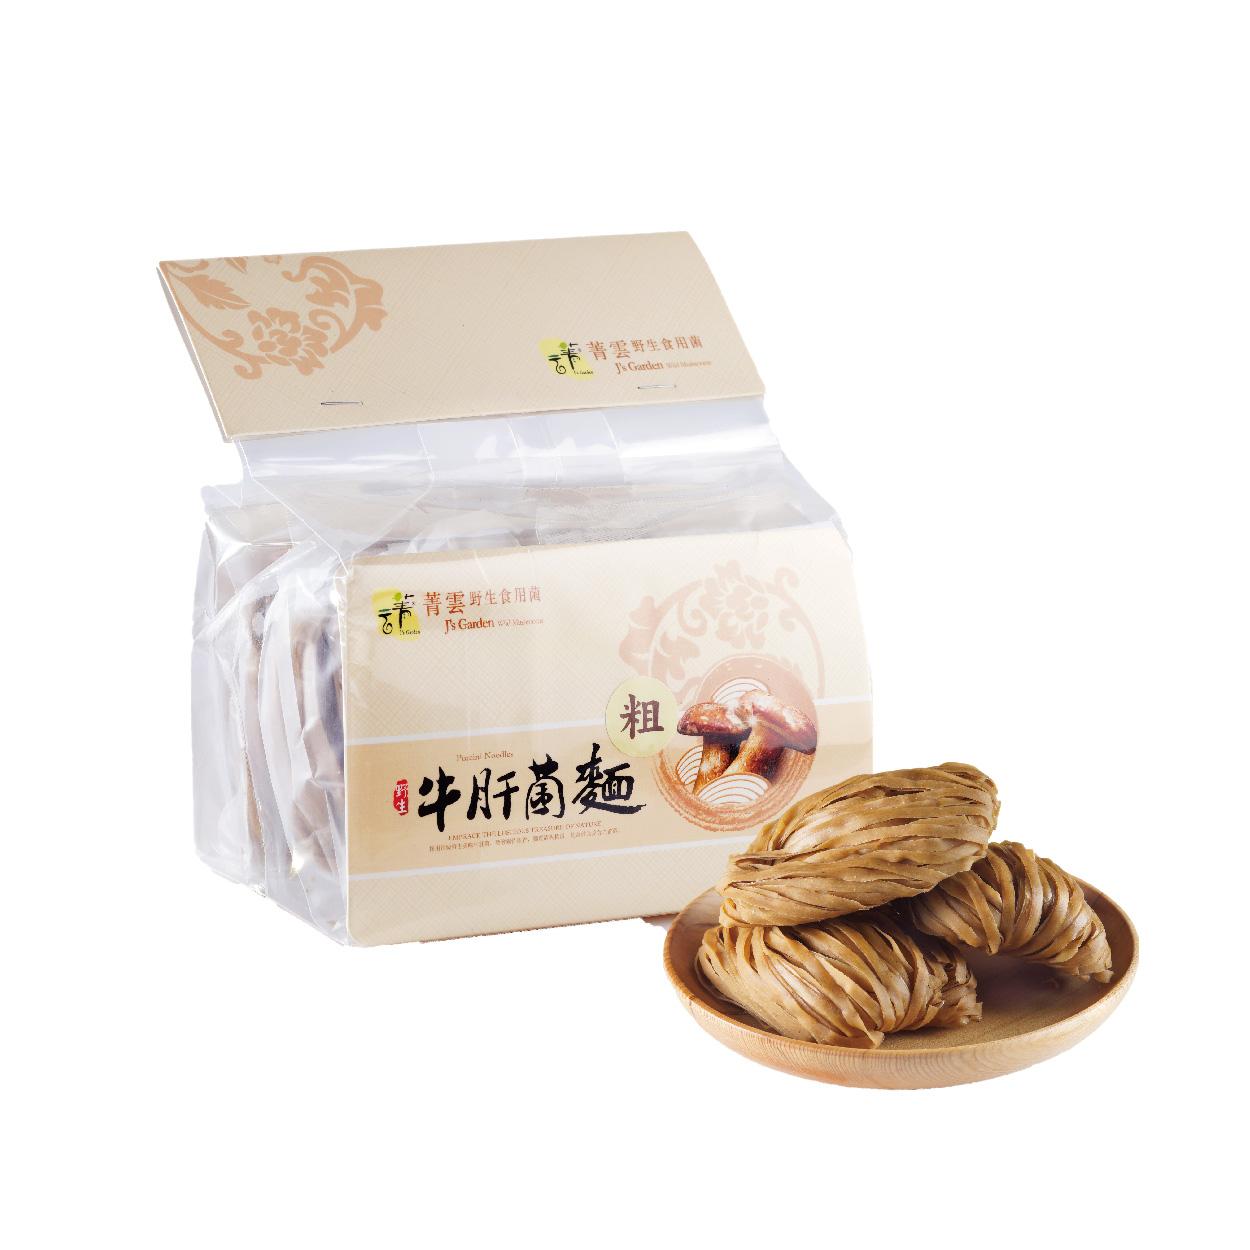 野生牛肝菌(粗)麵 400g